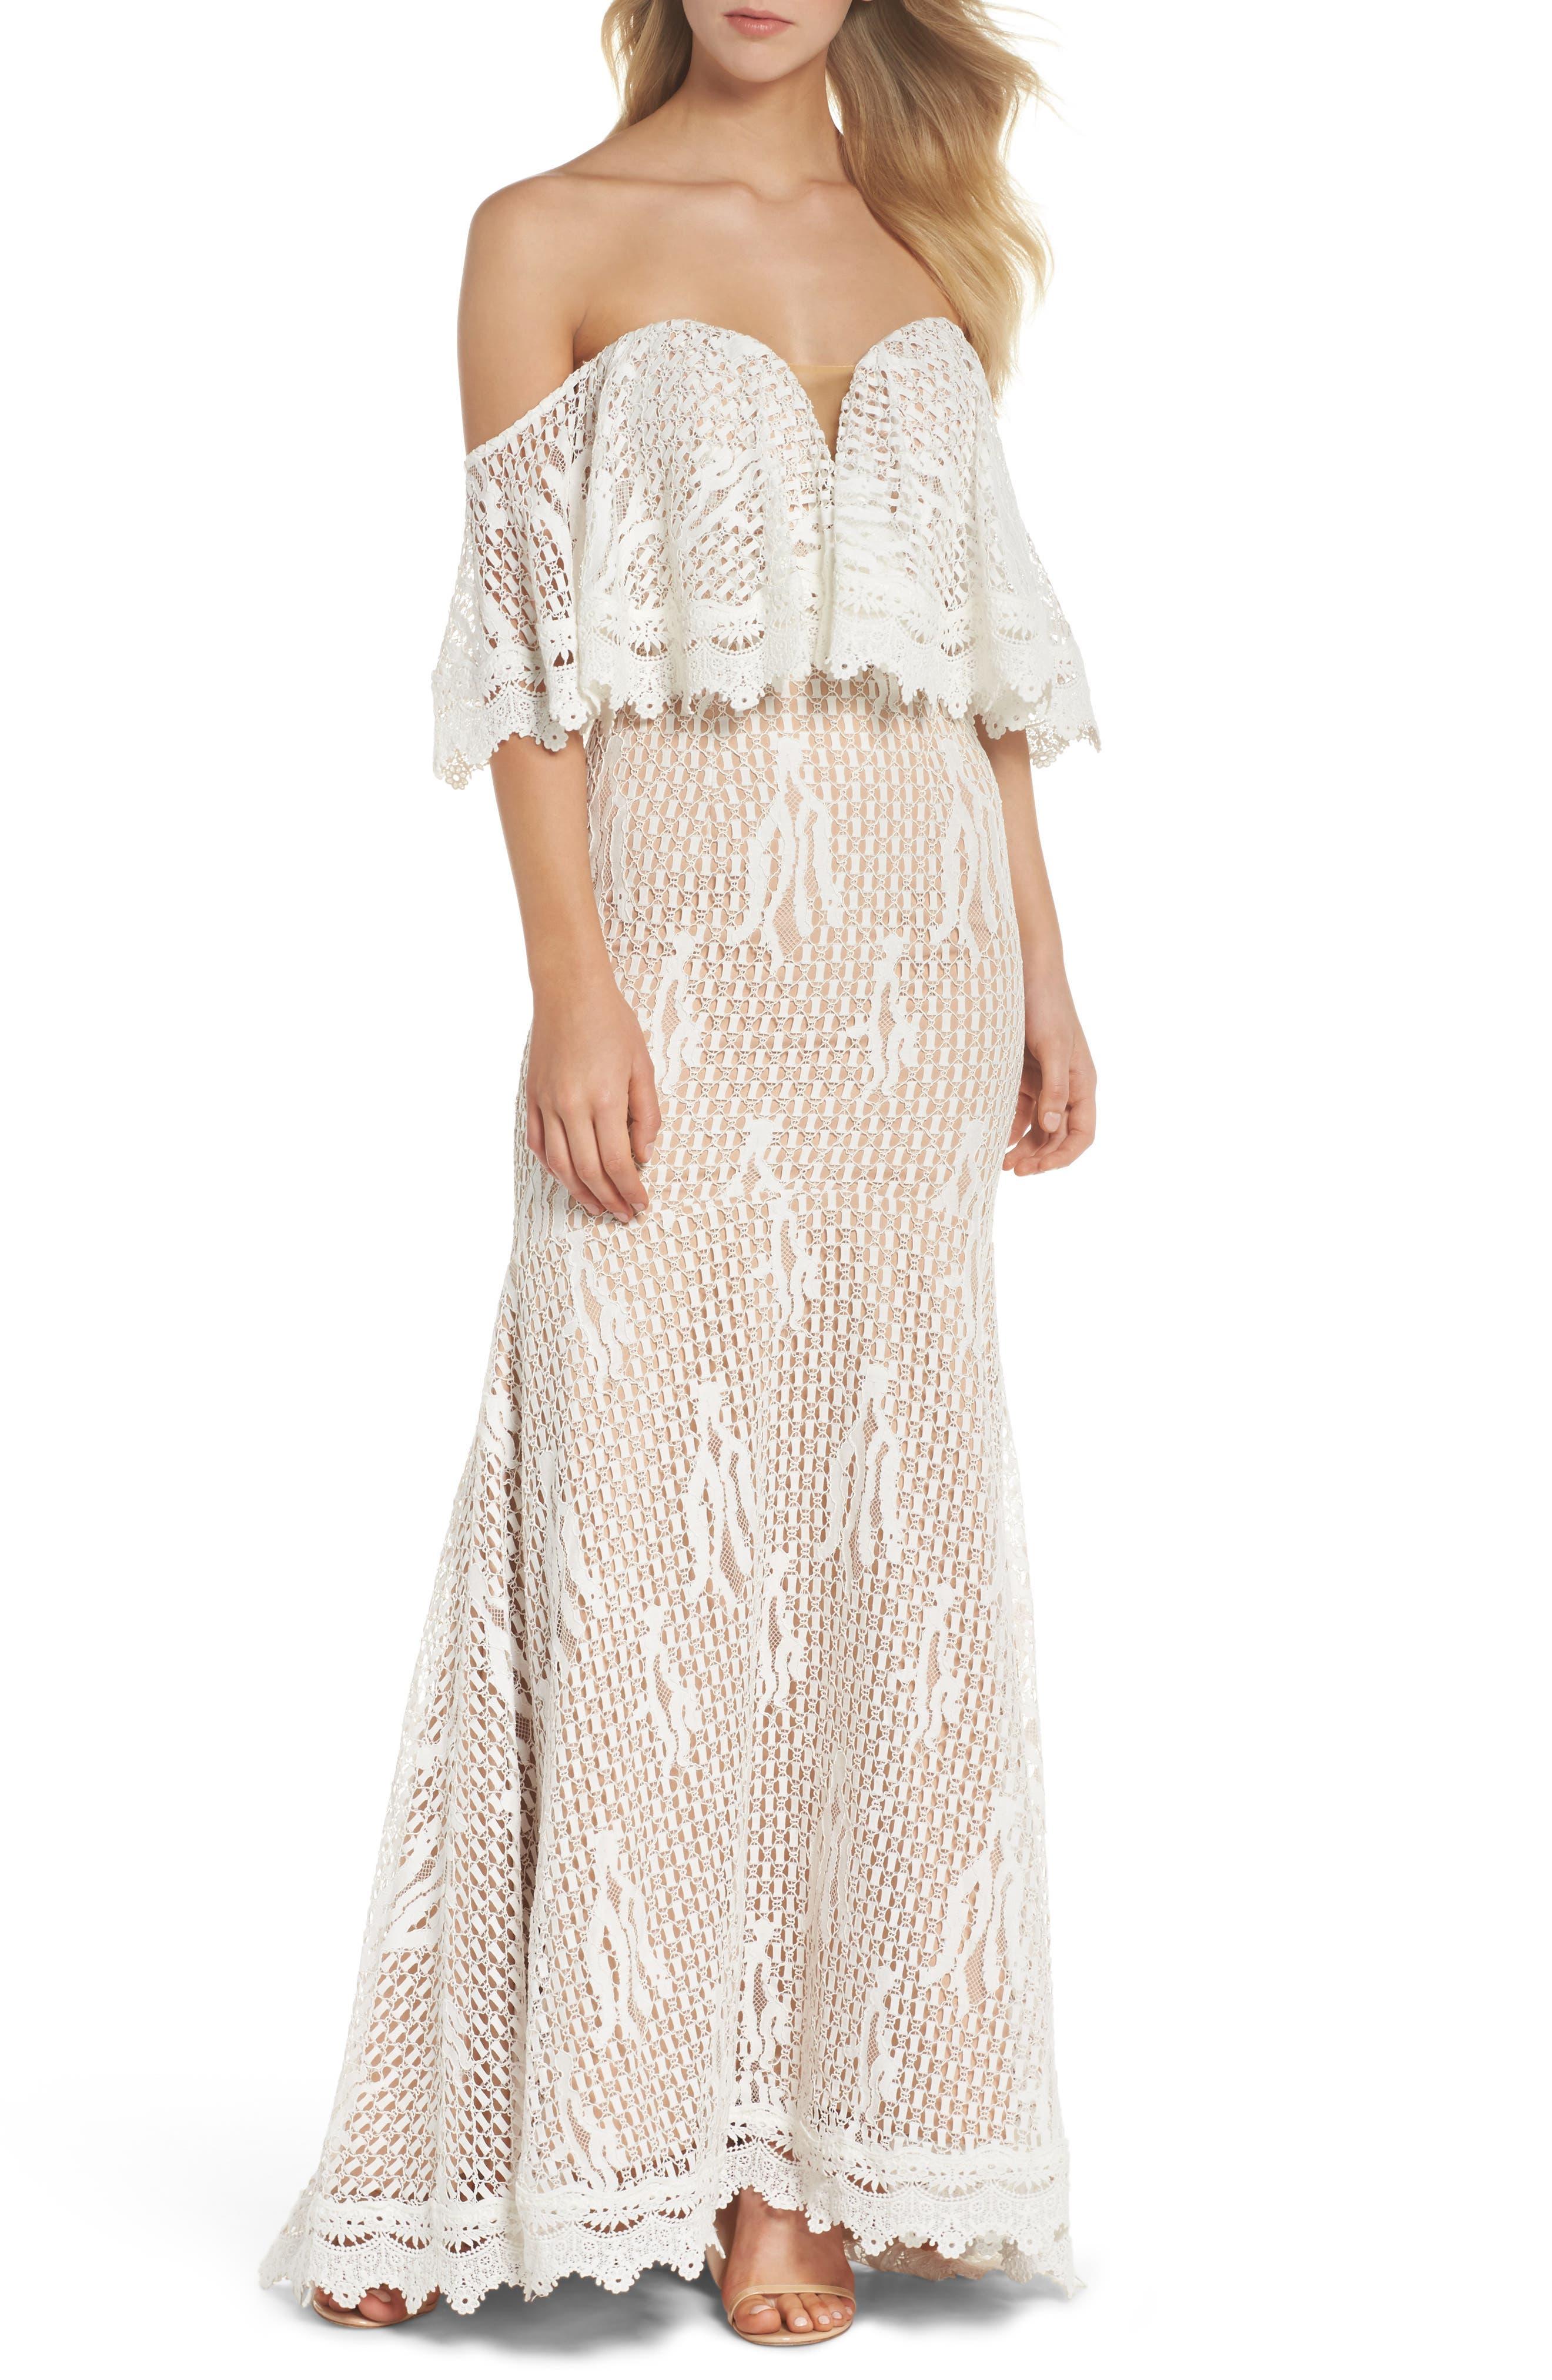 Davilea Off the Shoulder Lace Gown,                         Main,                         color, 900